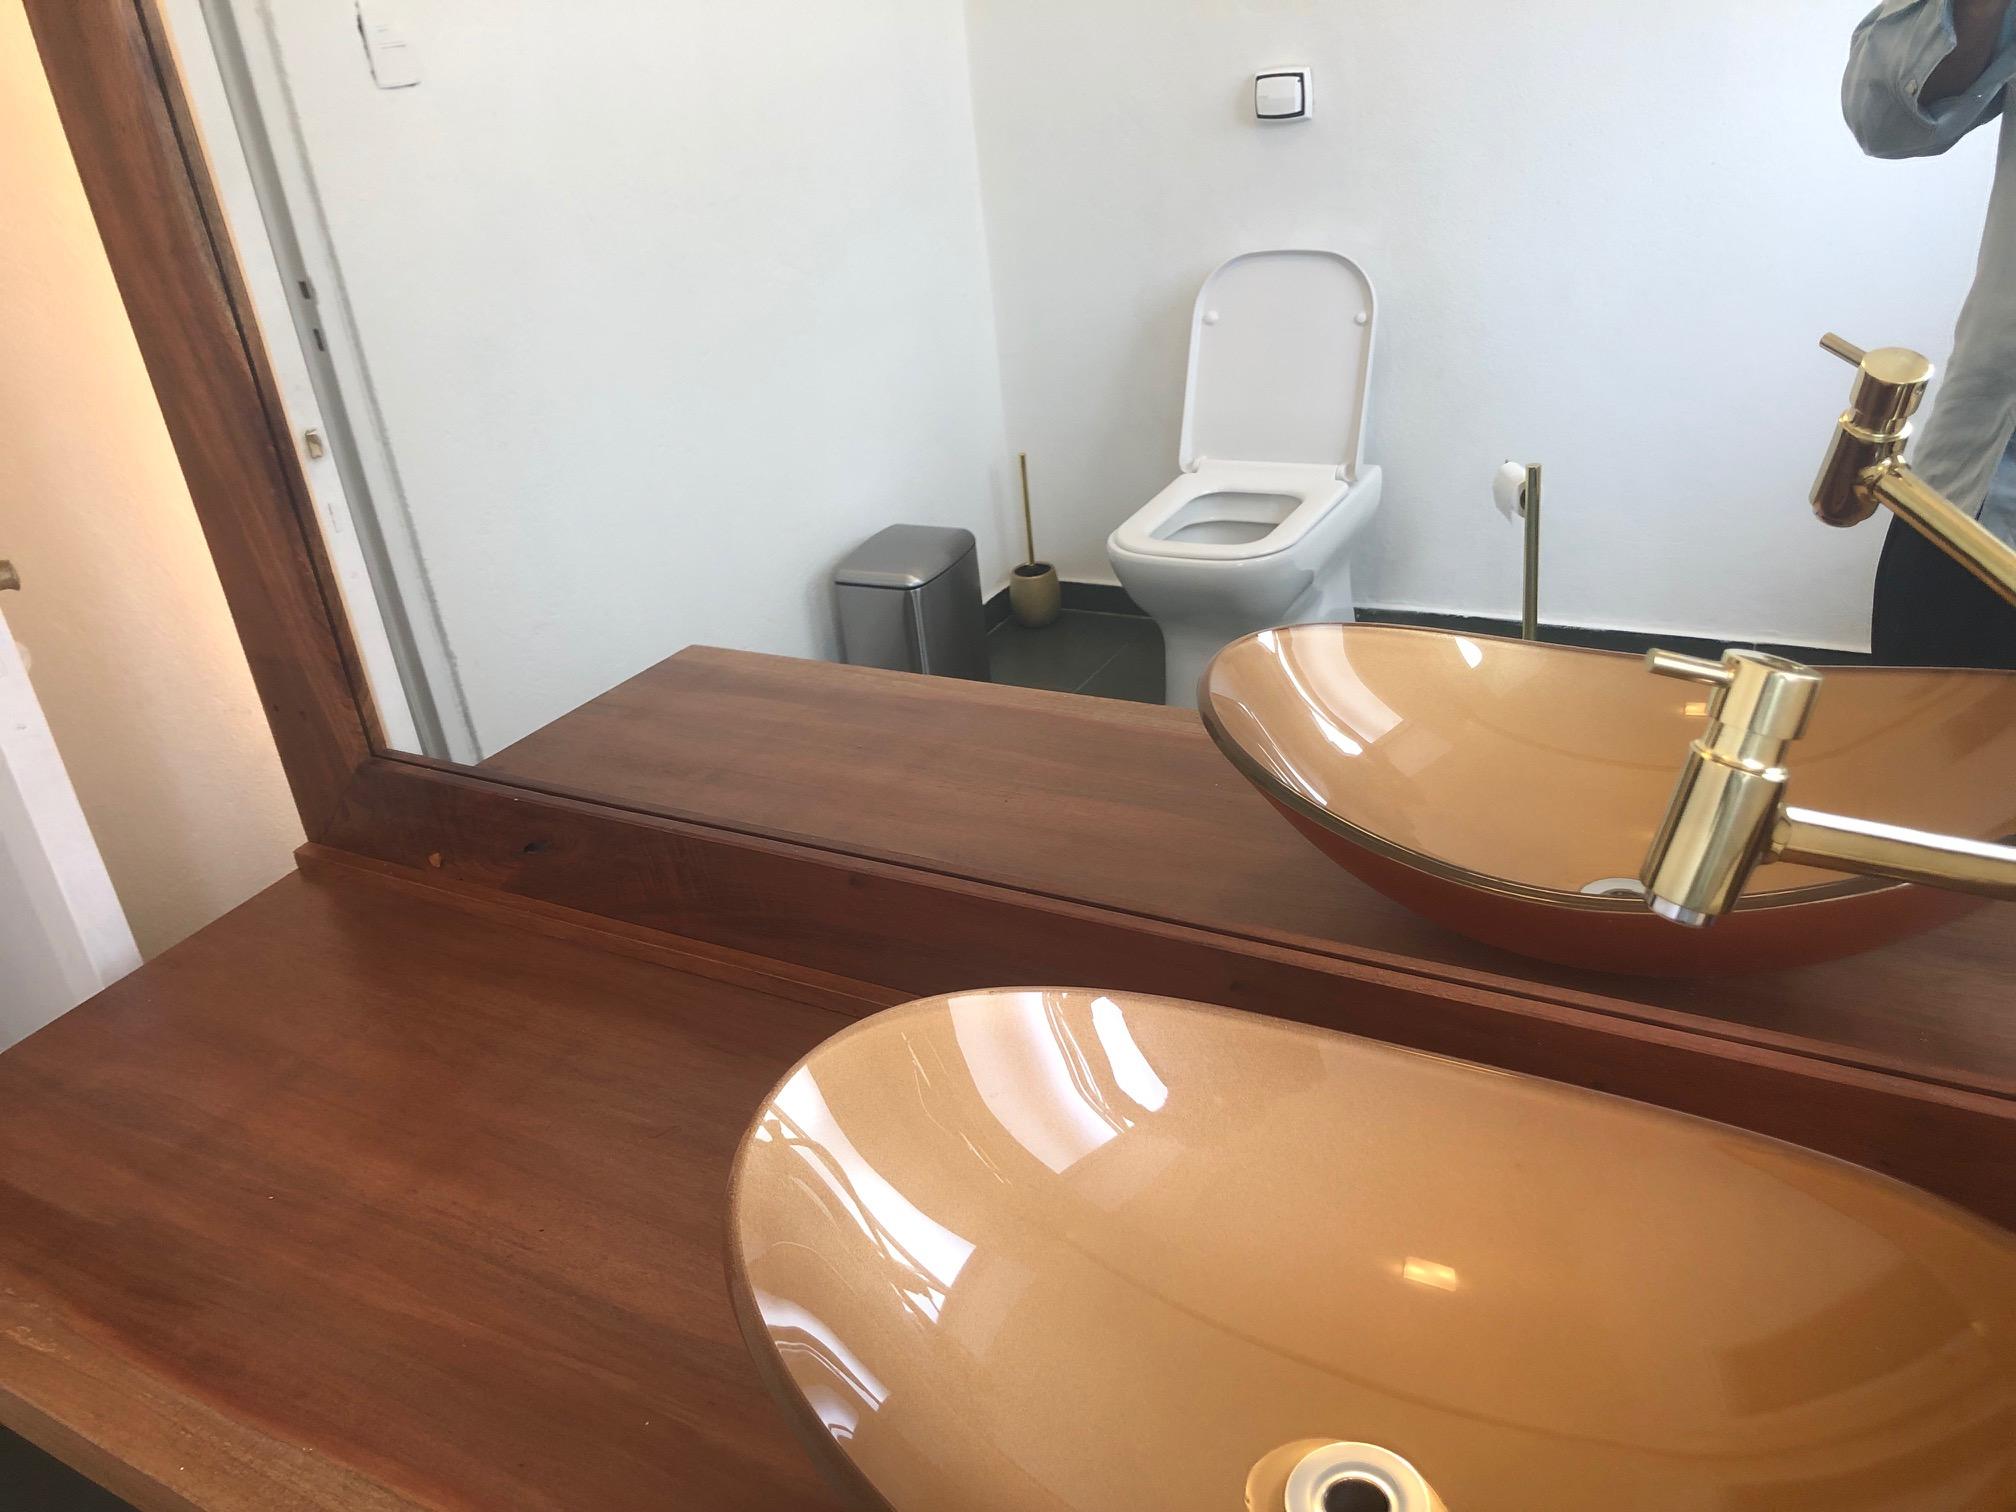 banheiro de cima.jpg